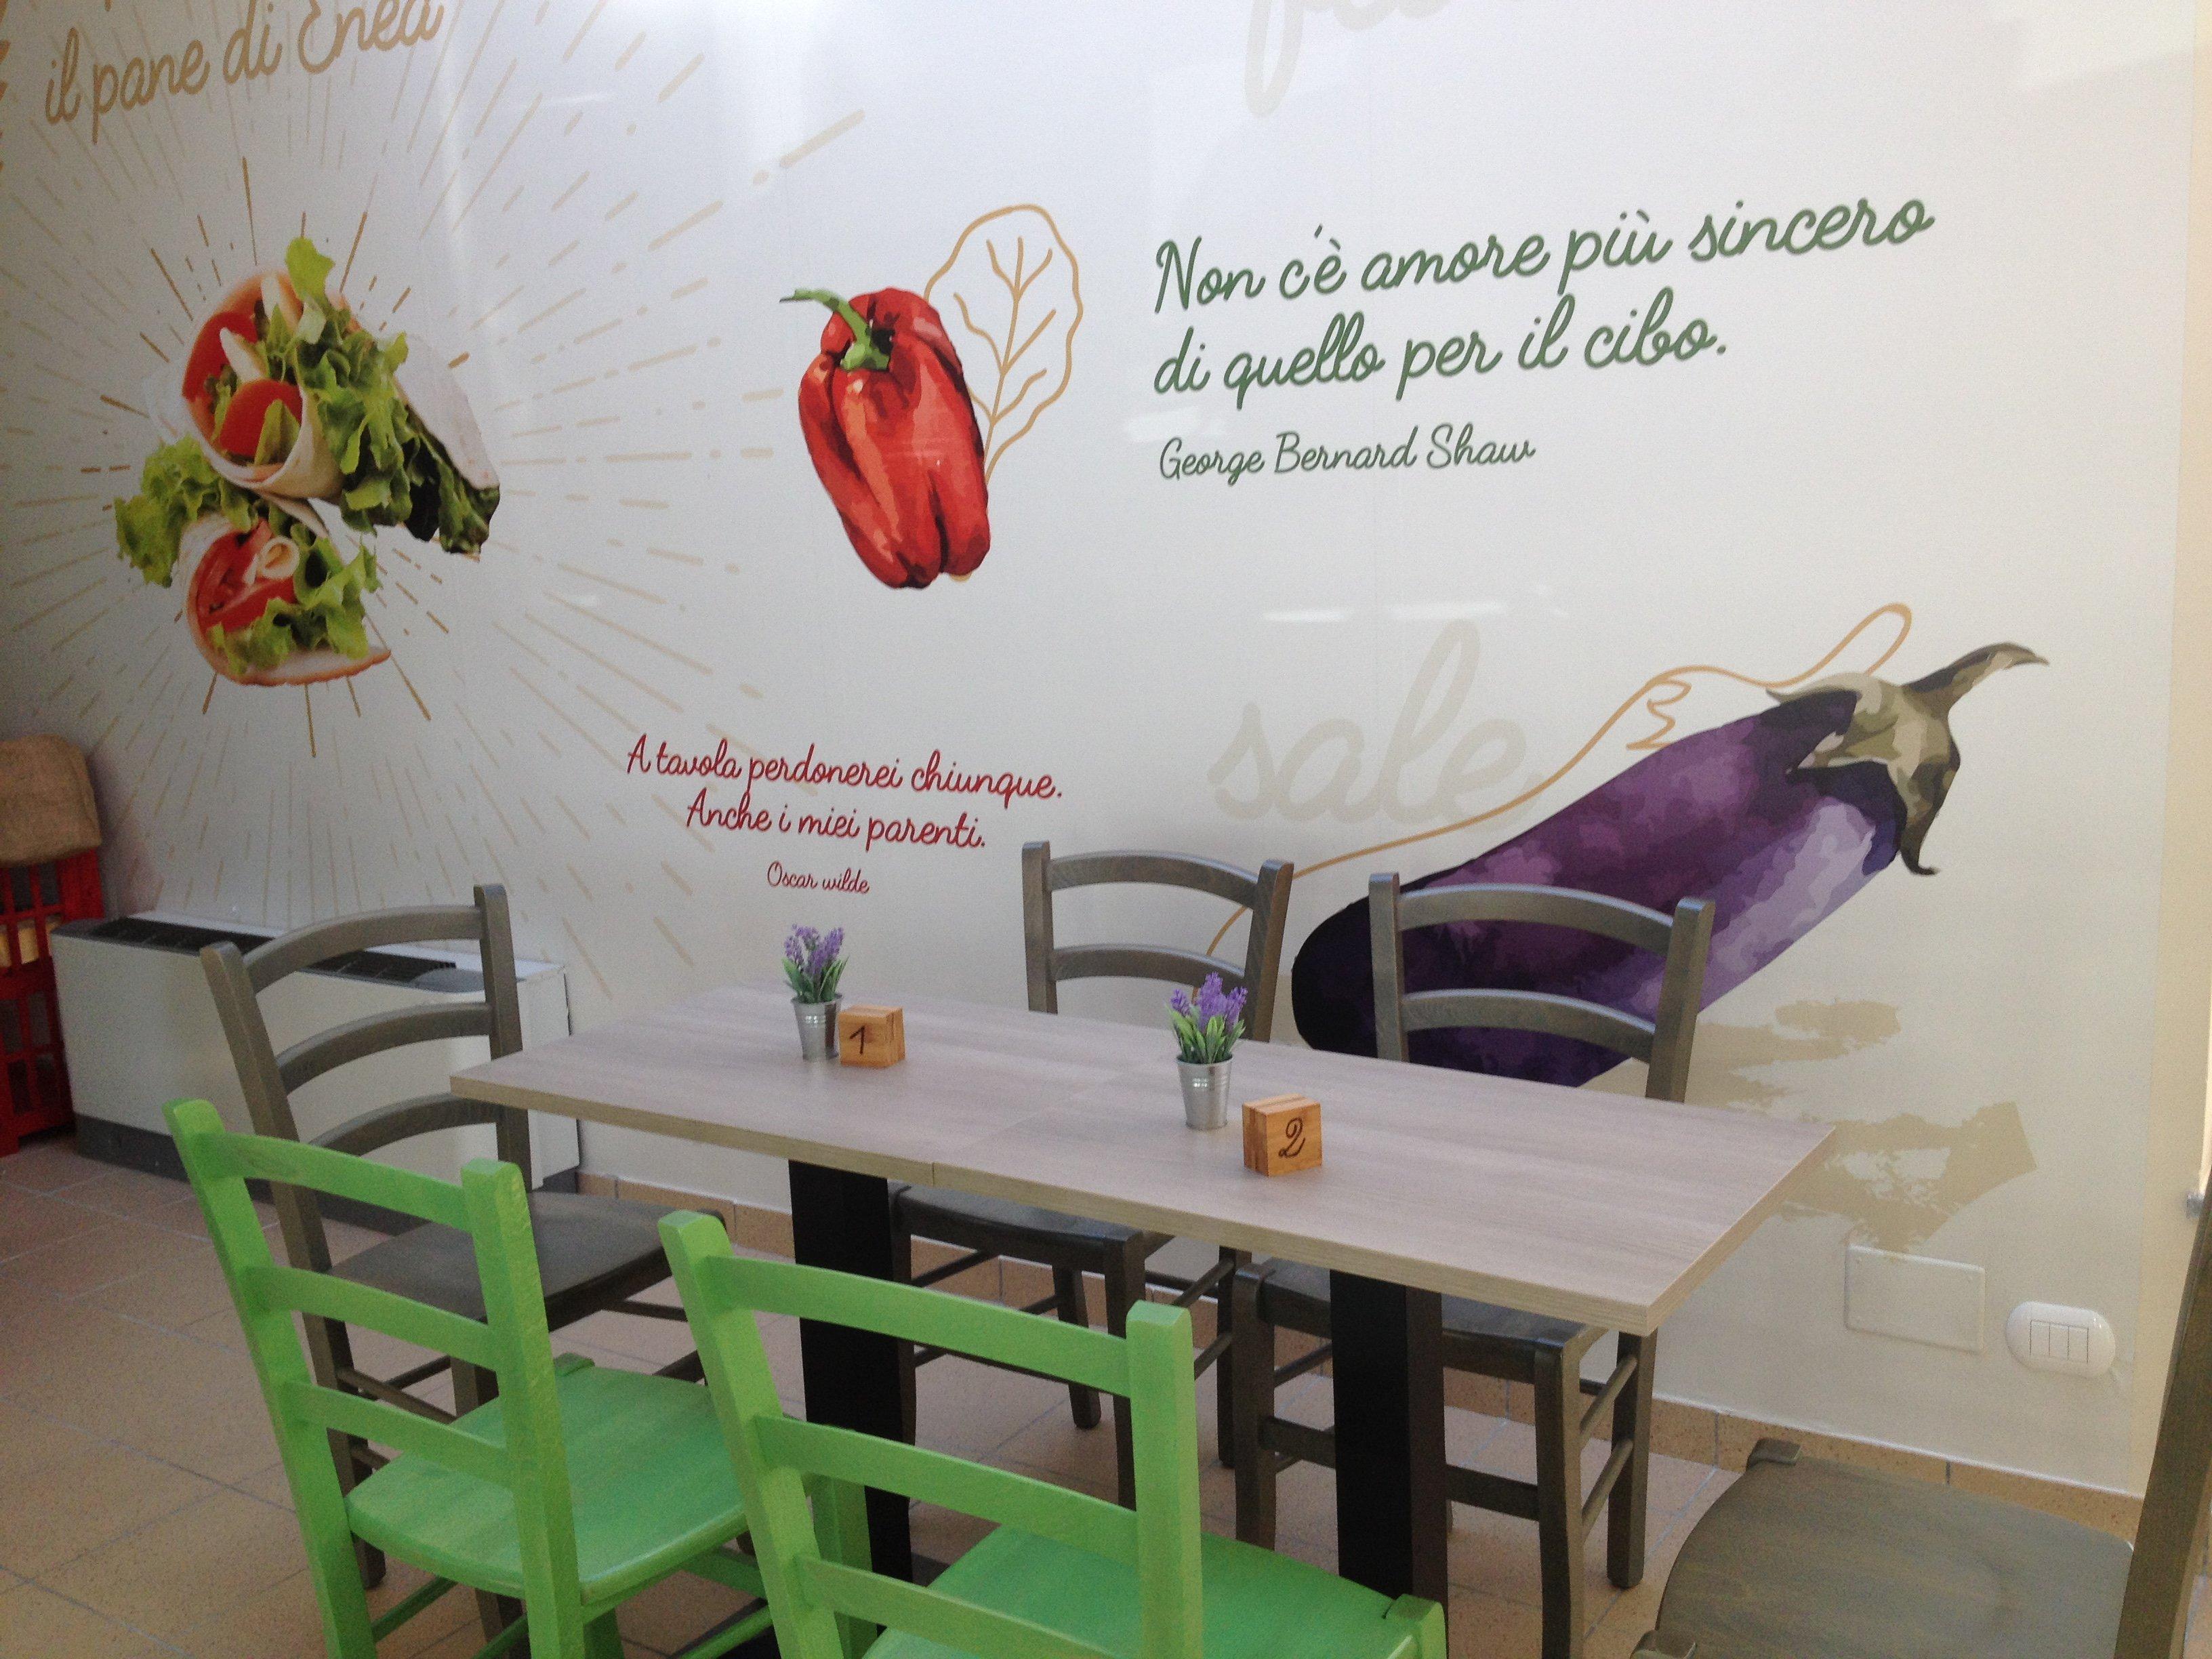 Sala interna della piadineria con sedie e tavoli colorati